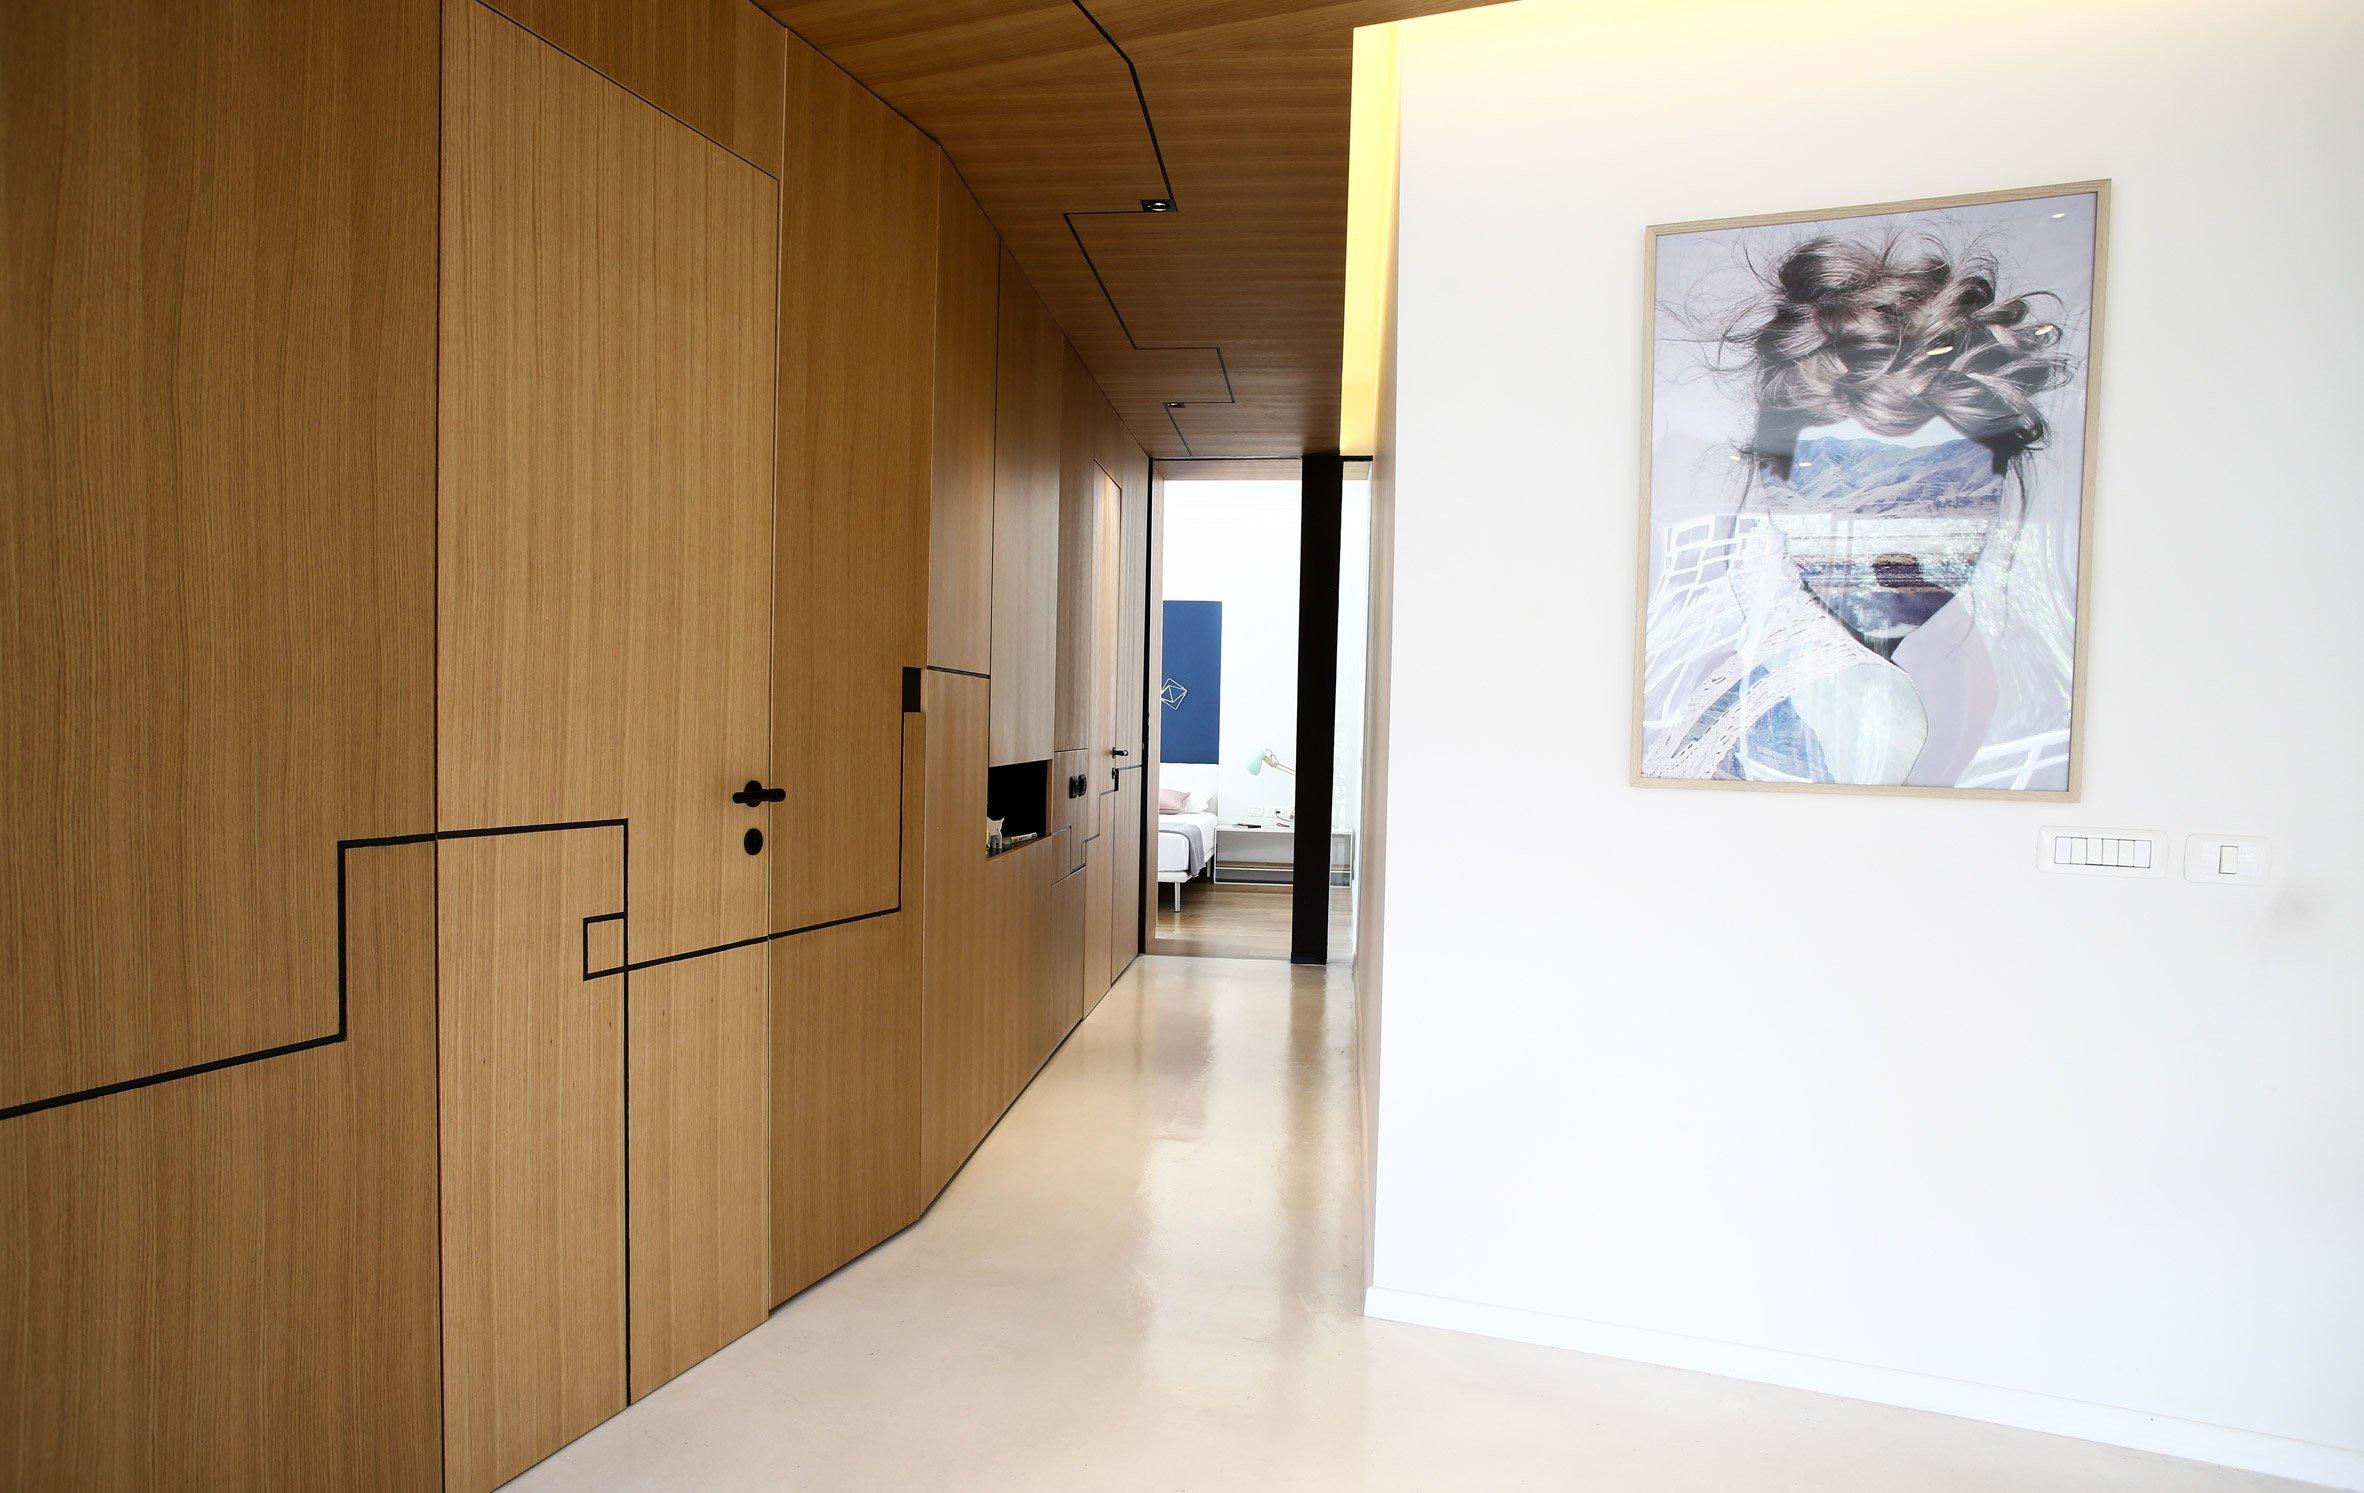 architecture-apartment-tel-aviv-design-studia-interiors-osnovadesign-osnova-poltava_10